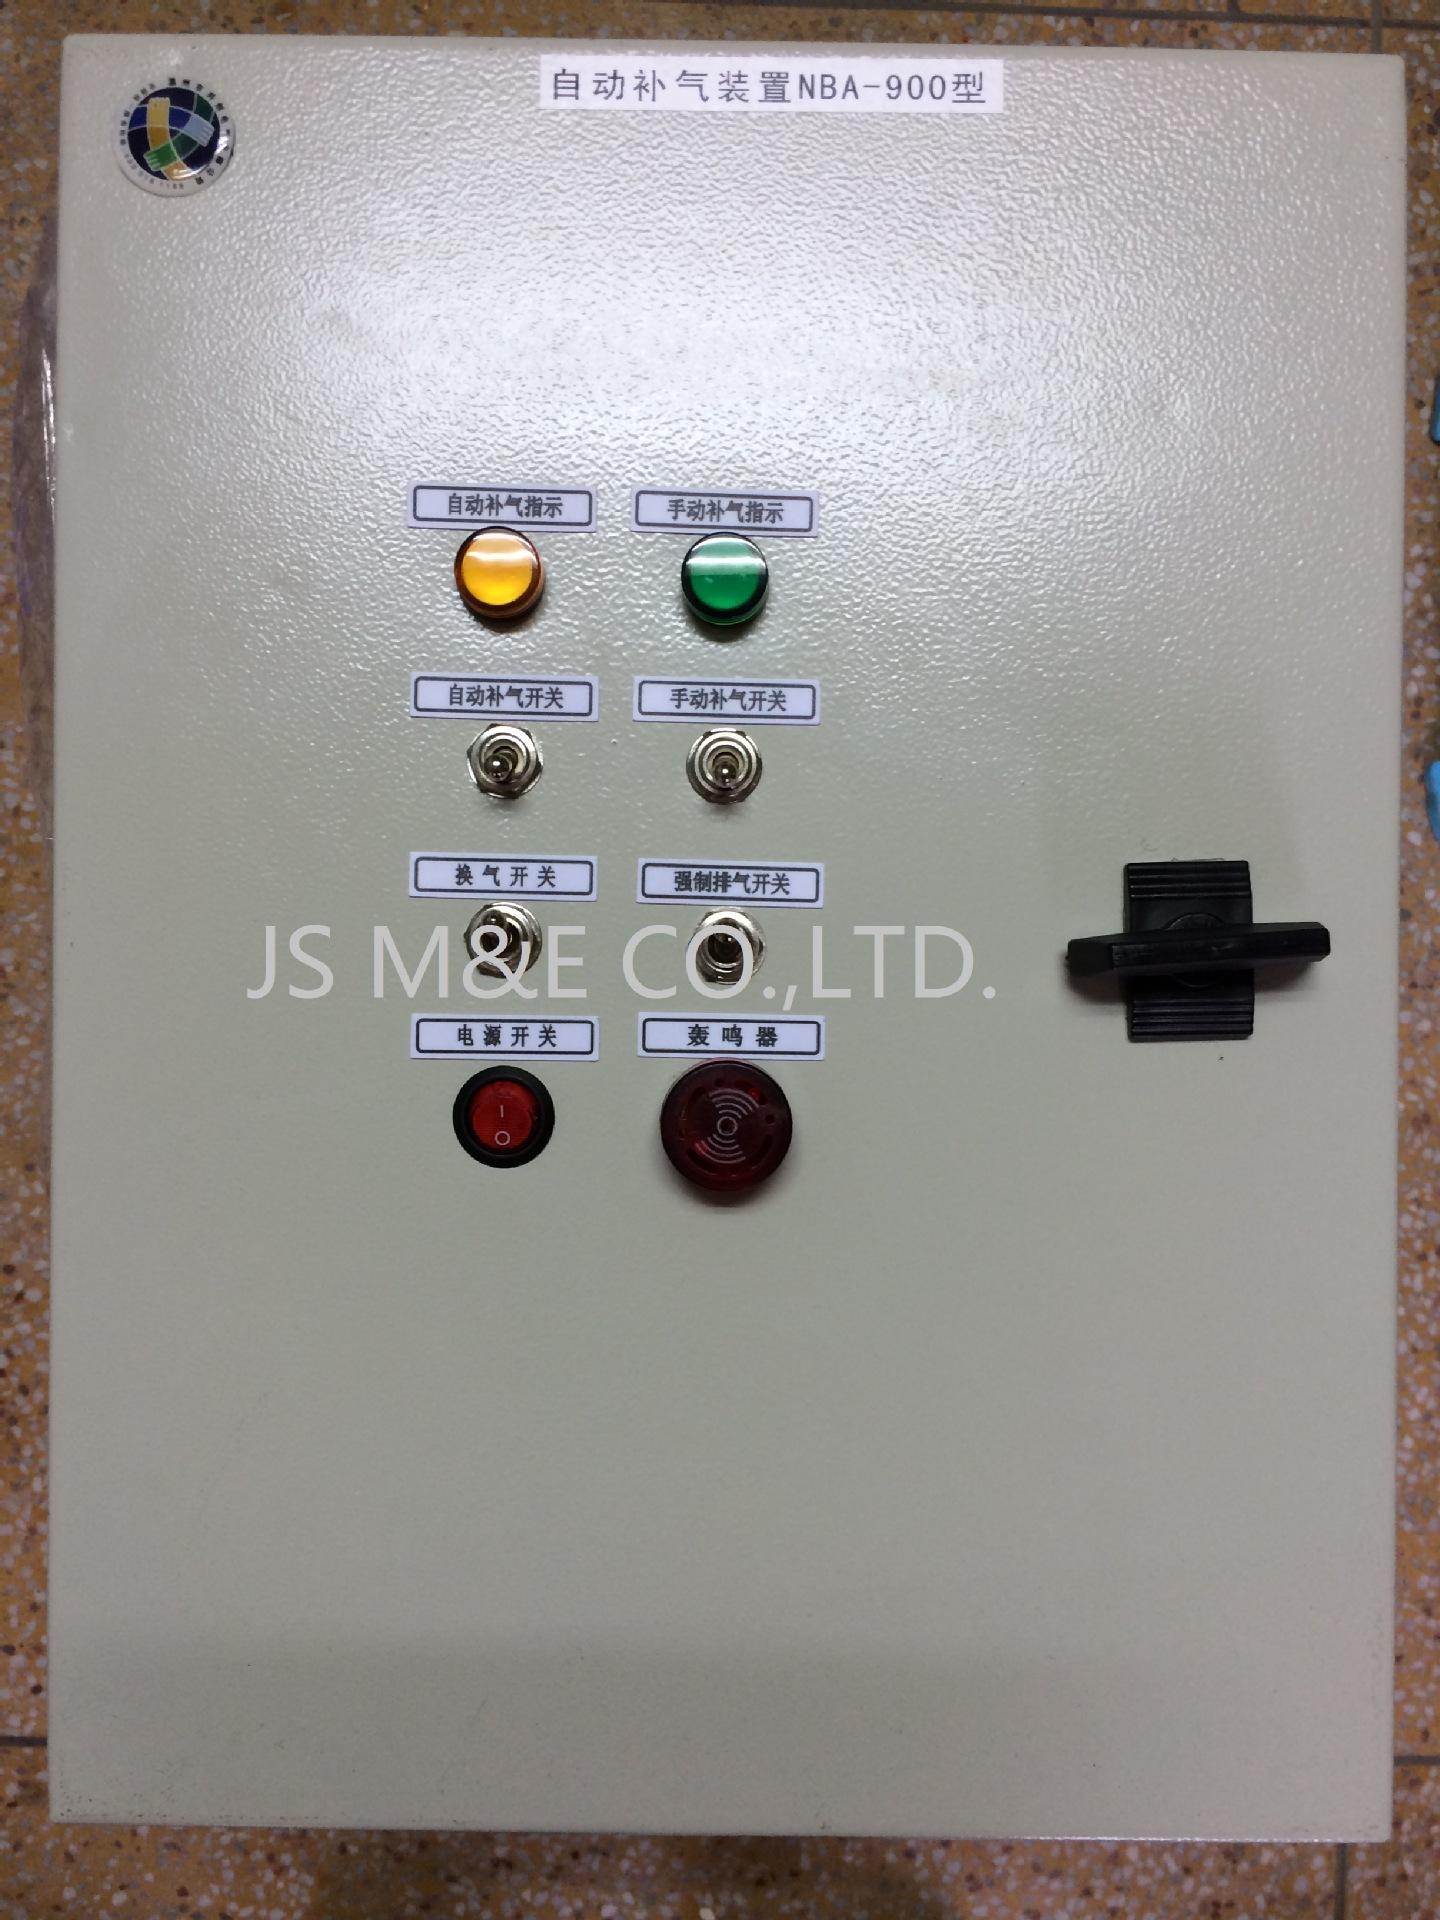 吹膜机下吹水冷自动加气排气装置NBA-900H型光纤